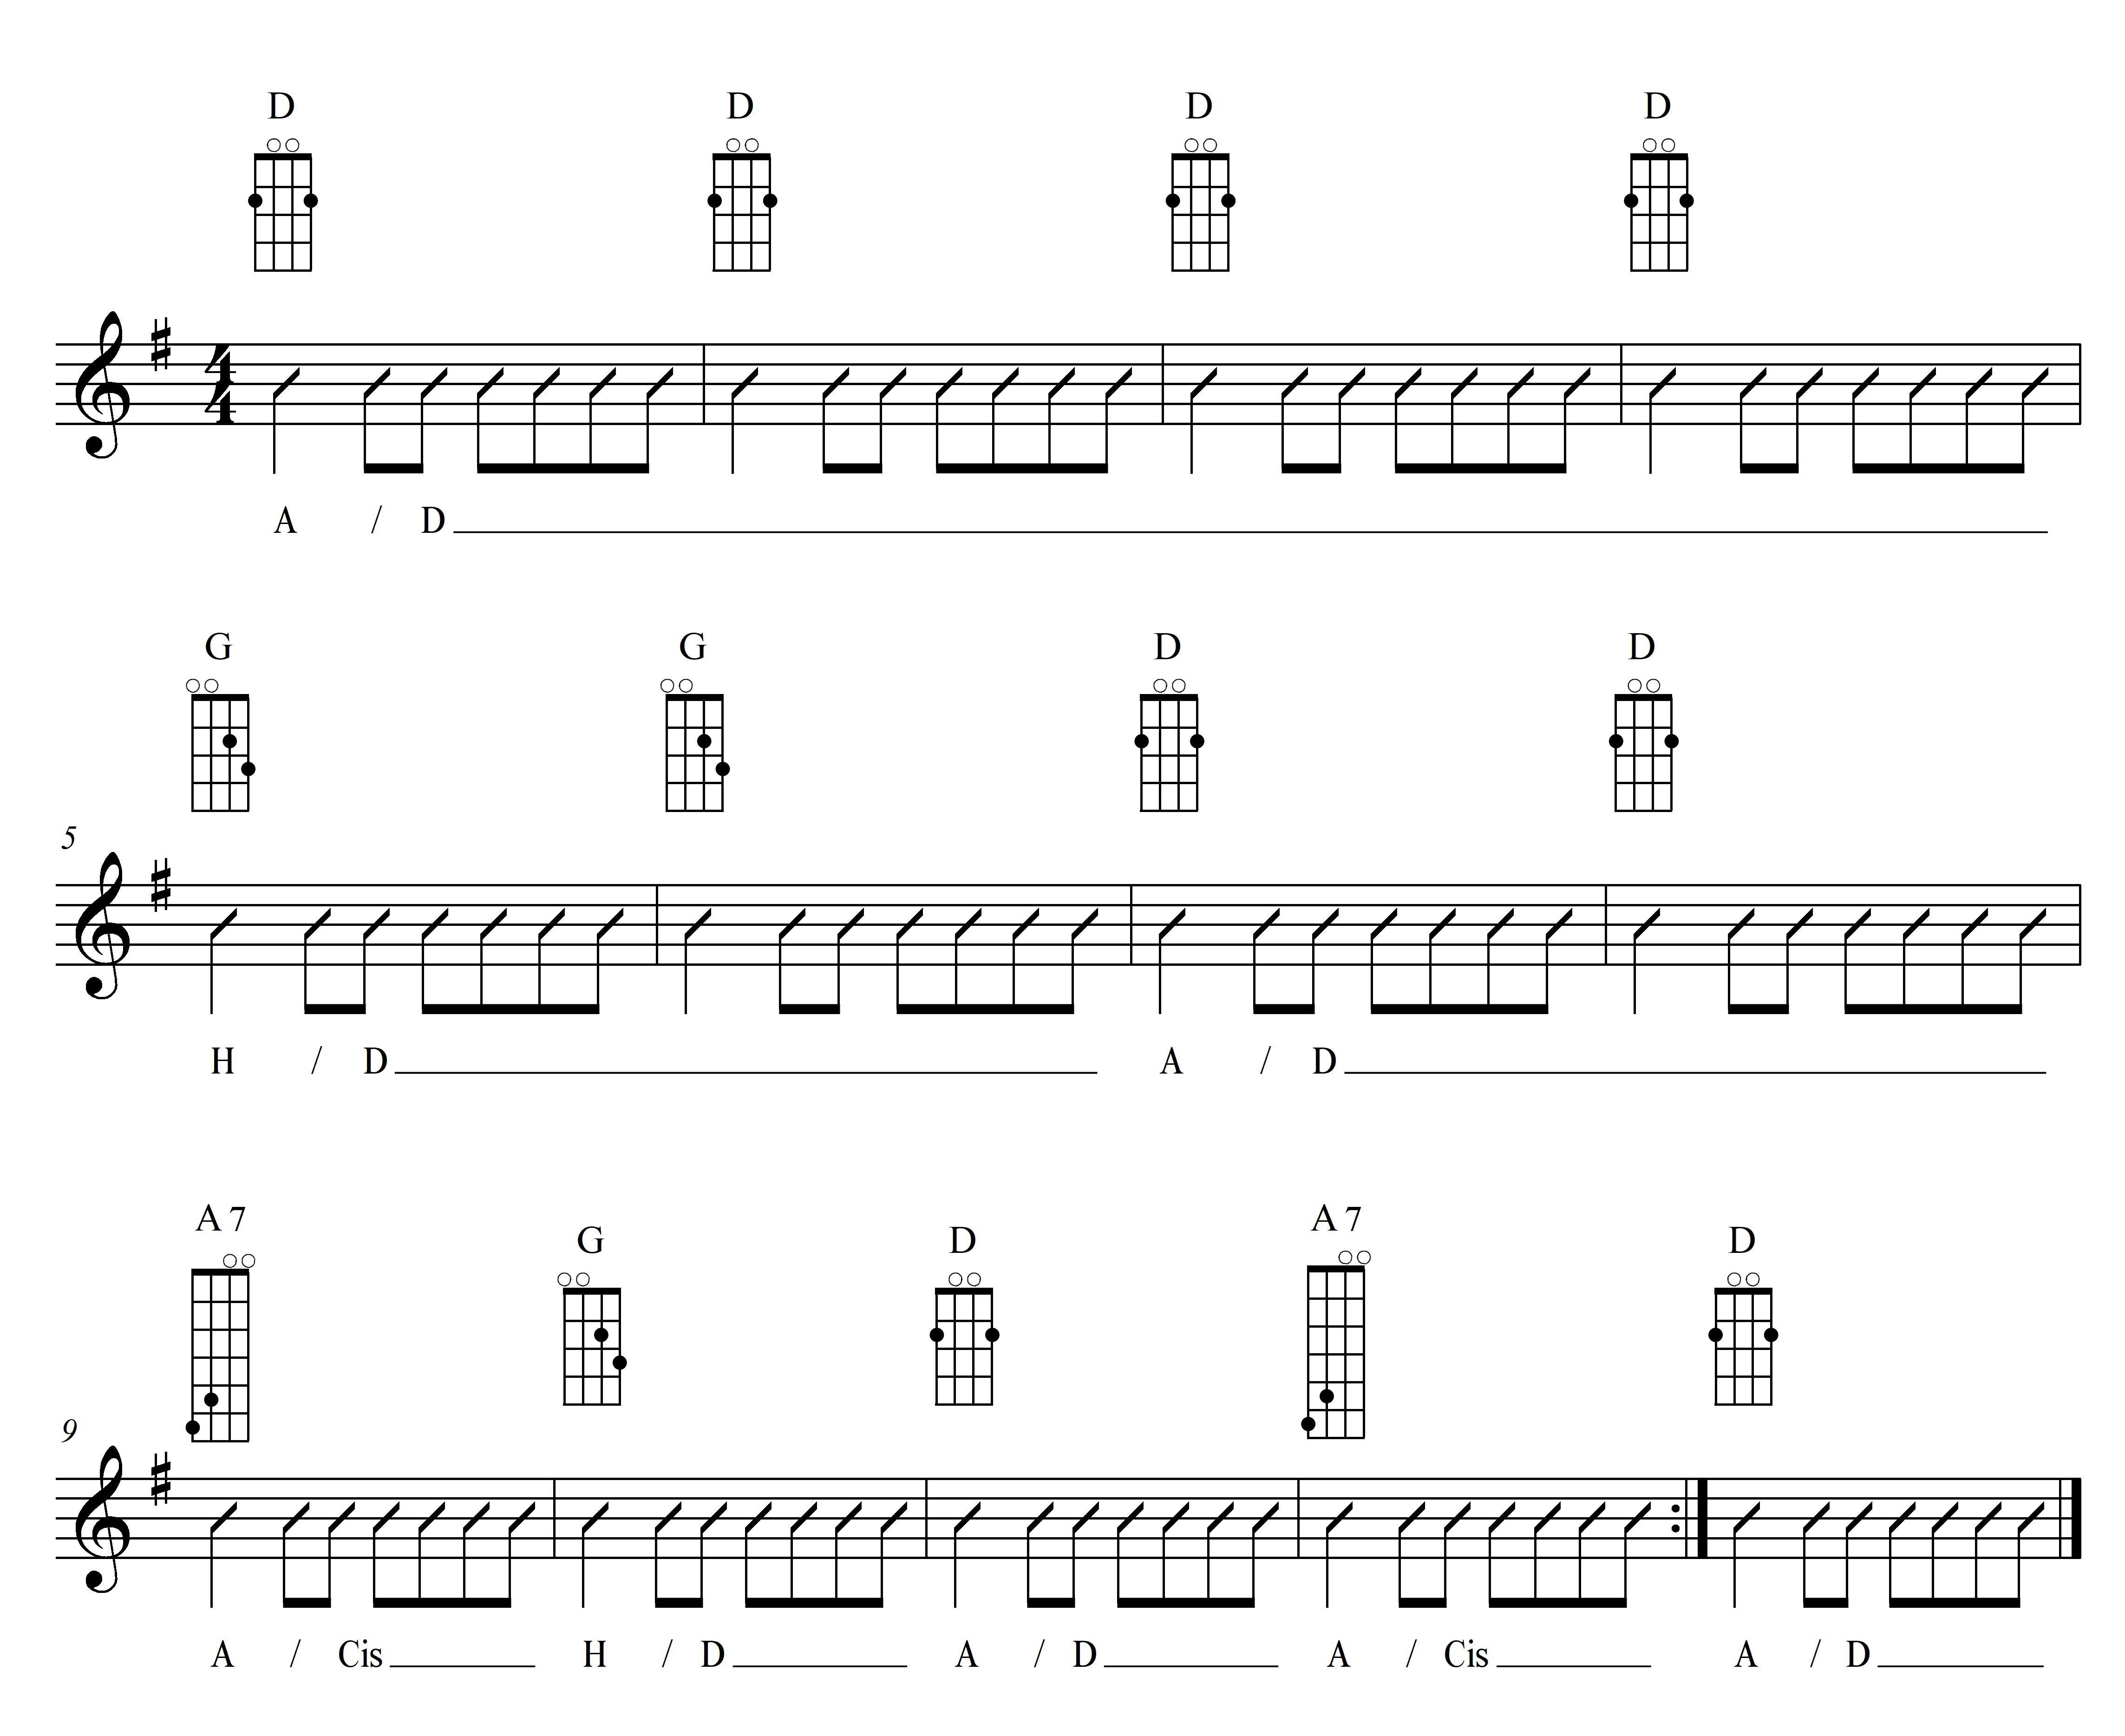 Mandoline lernen - Akkordtöne auf der D-Saite und A-Saite